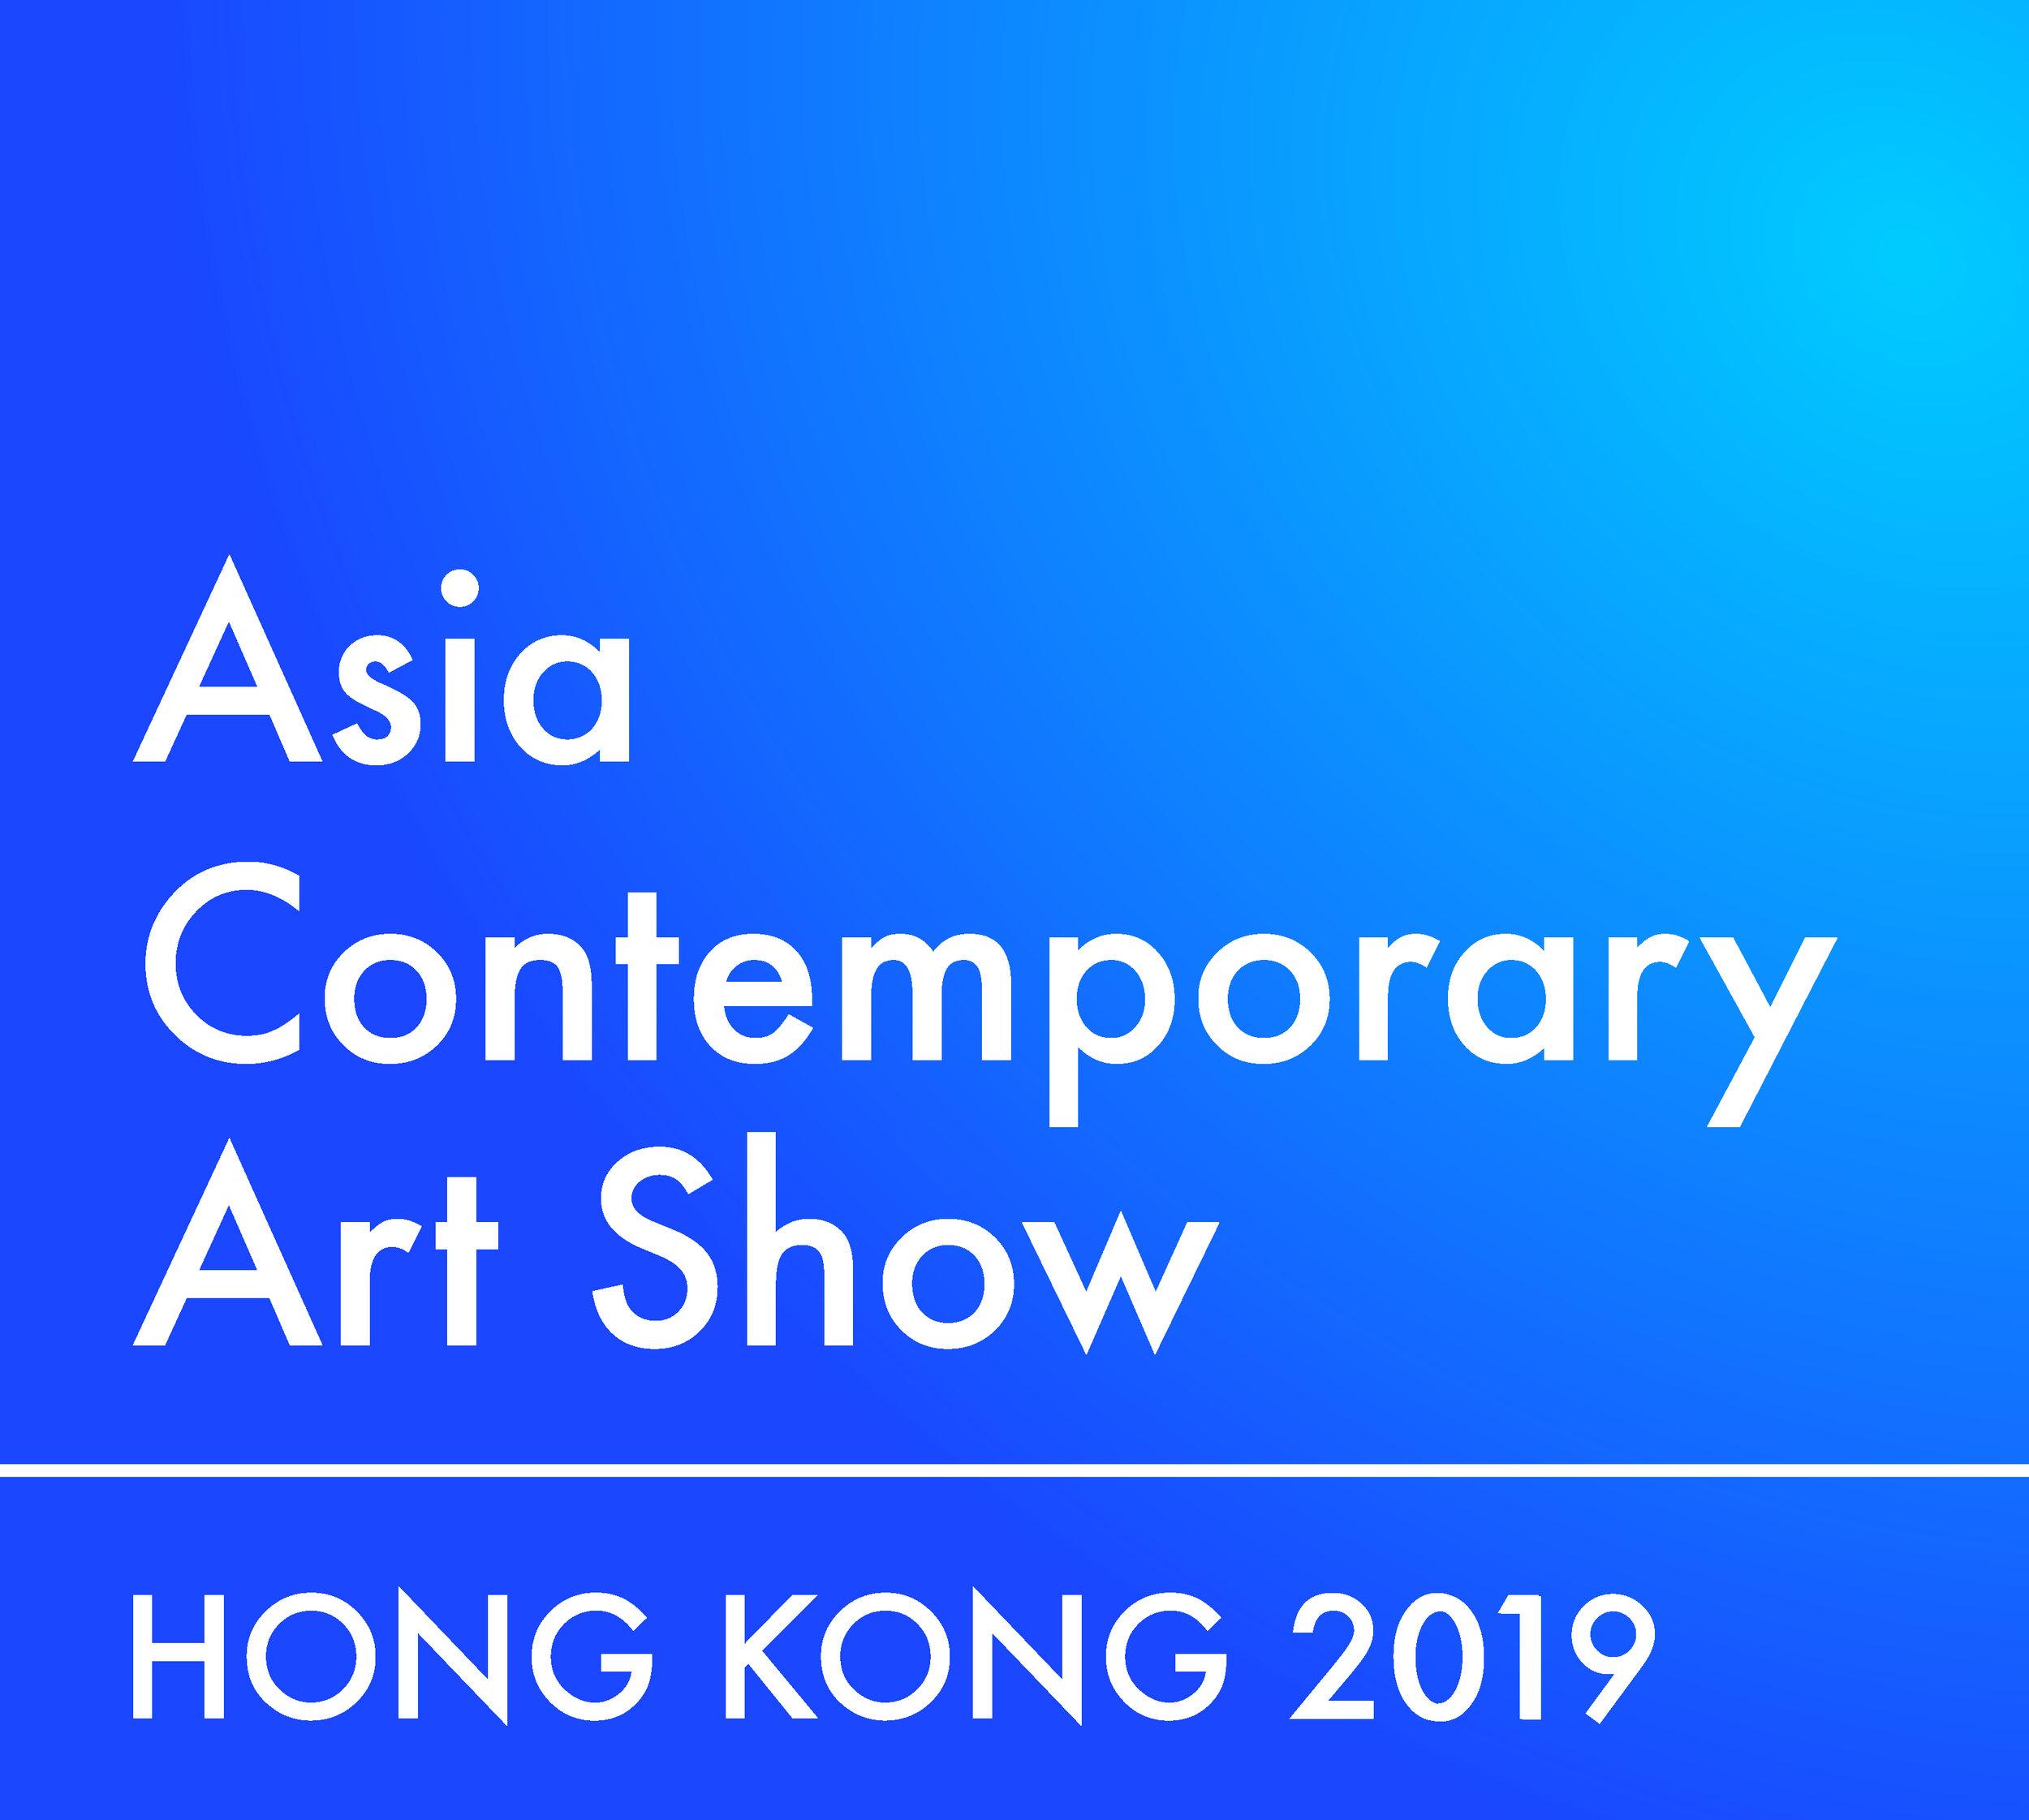 亞洲當代藝術展2019 - 展覽日期:2019年3月29日至4月1日展覽地點:港麗酒店 (Conrad Hong Kong)更多資訊:https://www.asiacontemporaryart.com/